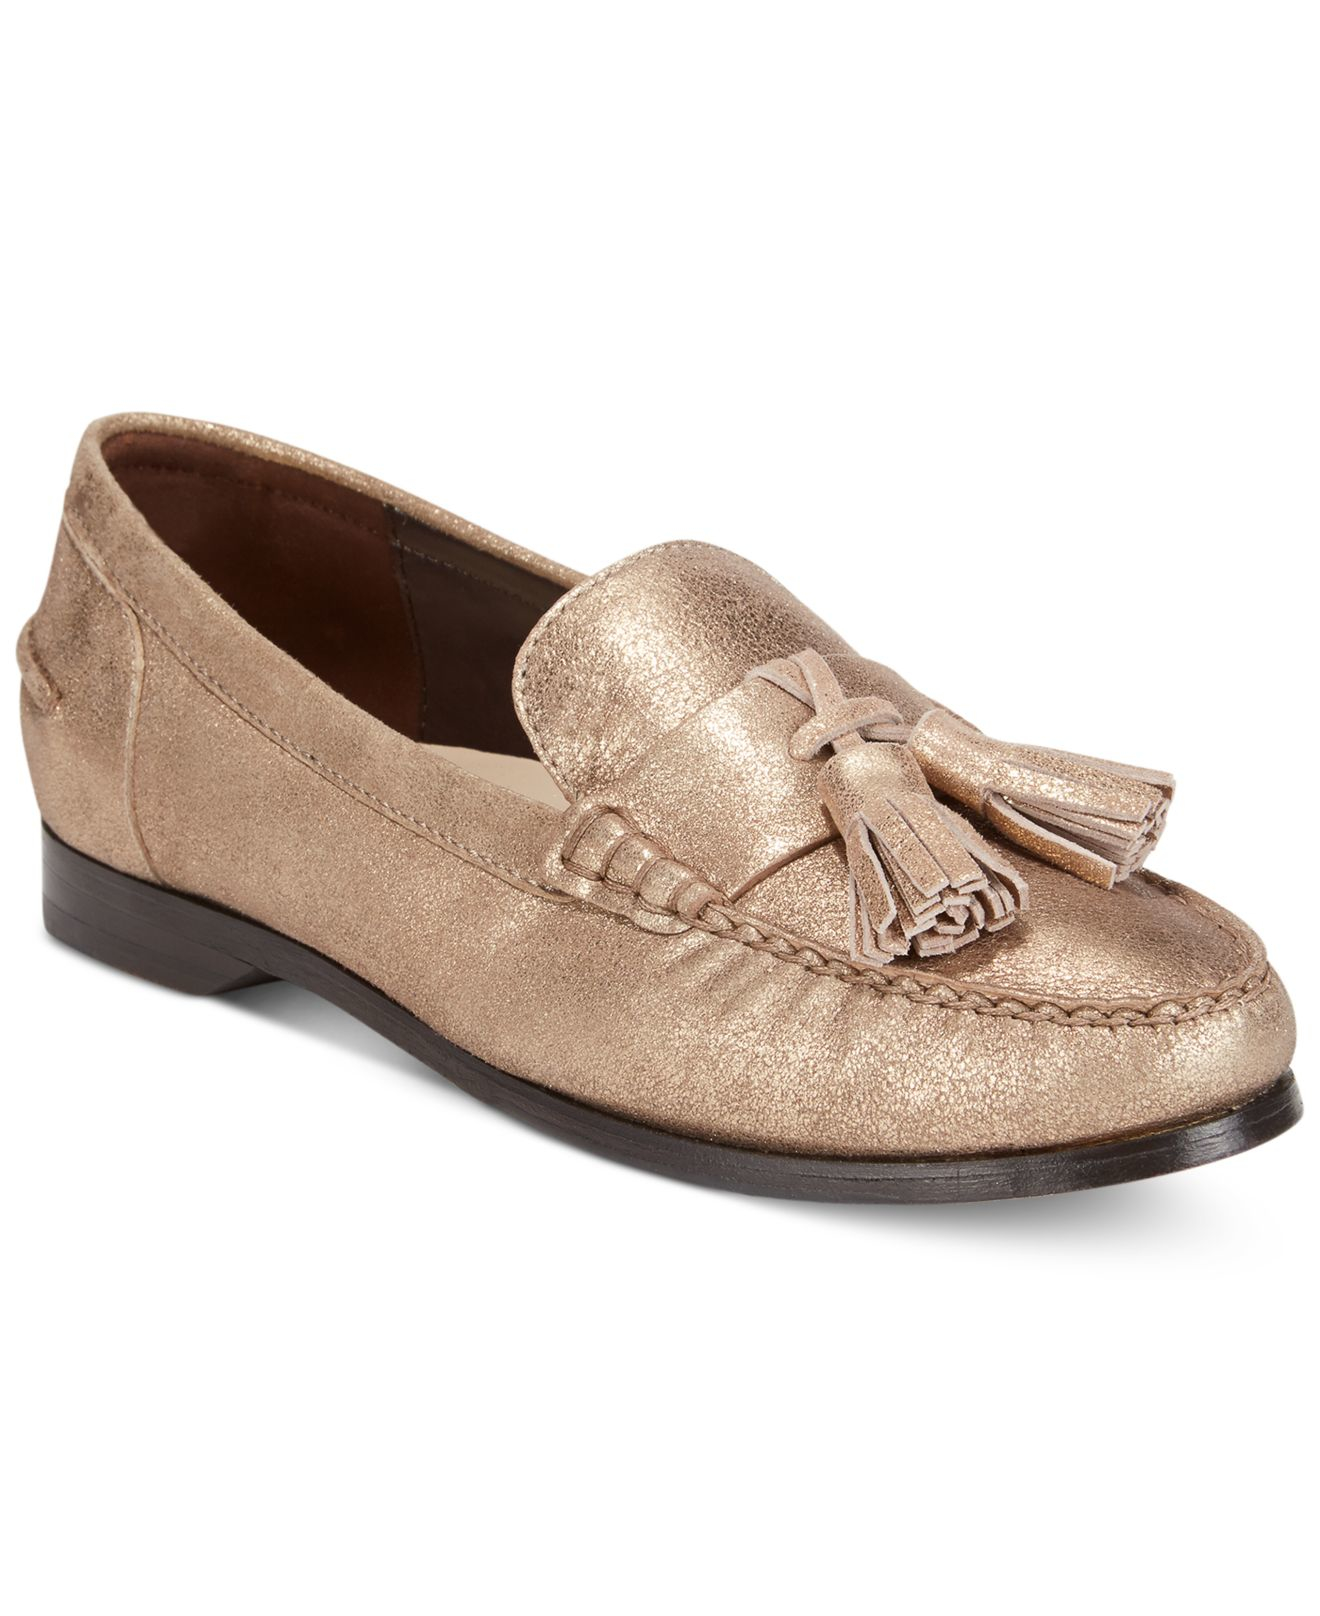 0109fe4a81d Lyst - Cole Haan Women s Pinch Grand Tassel Loafers in Metallic